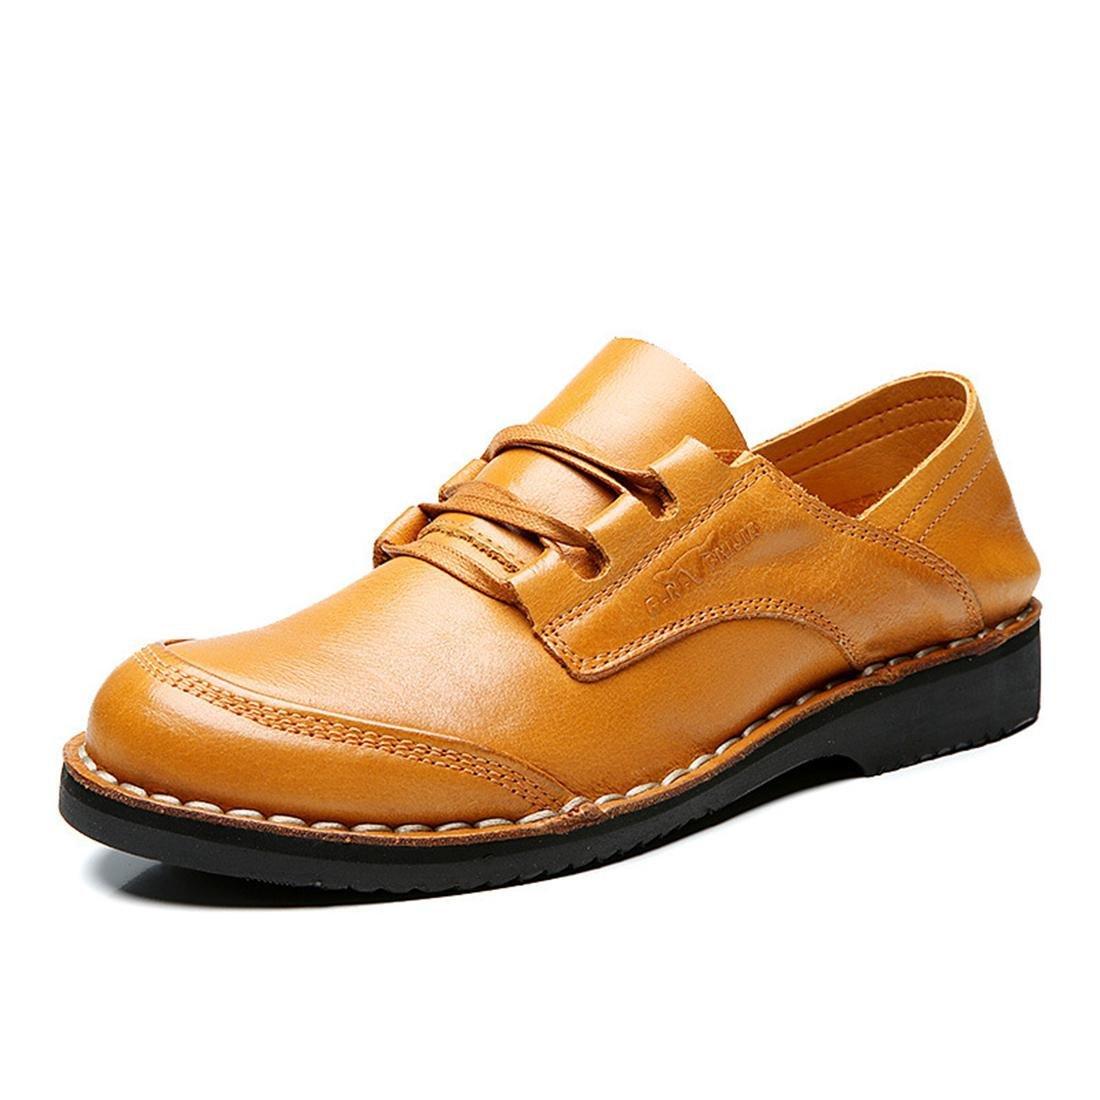 Herren Mode Lederschuhe Lässige Schuhe Licht Gemütlich Freizeitschuhe Flache Flache Flache Schuhe Rutschfest Atmungsaktiv Lazy Schuhe EUR GRÖSSE 38-44 54ea15